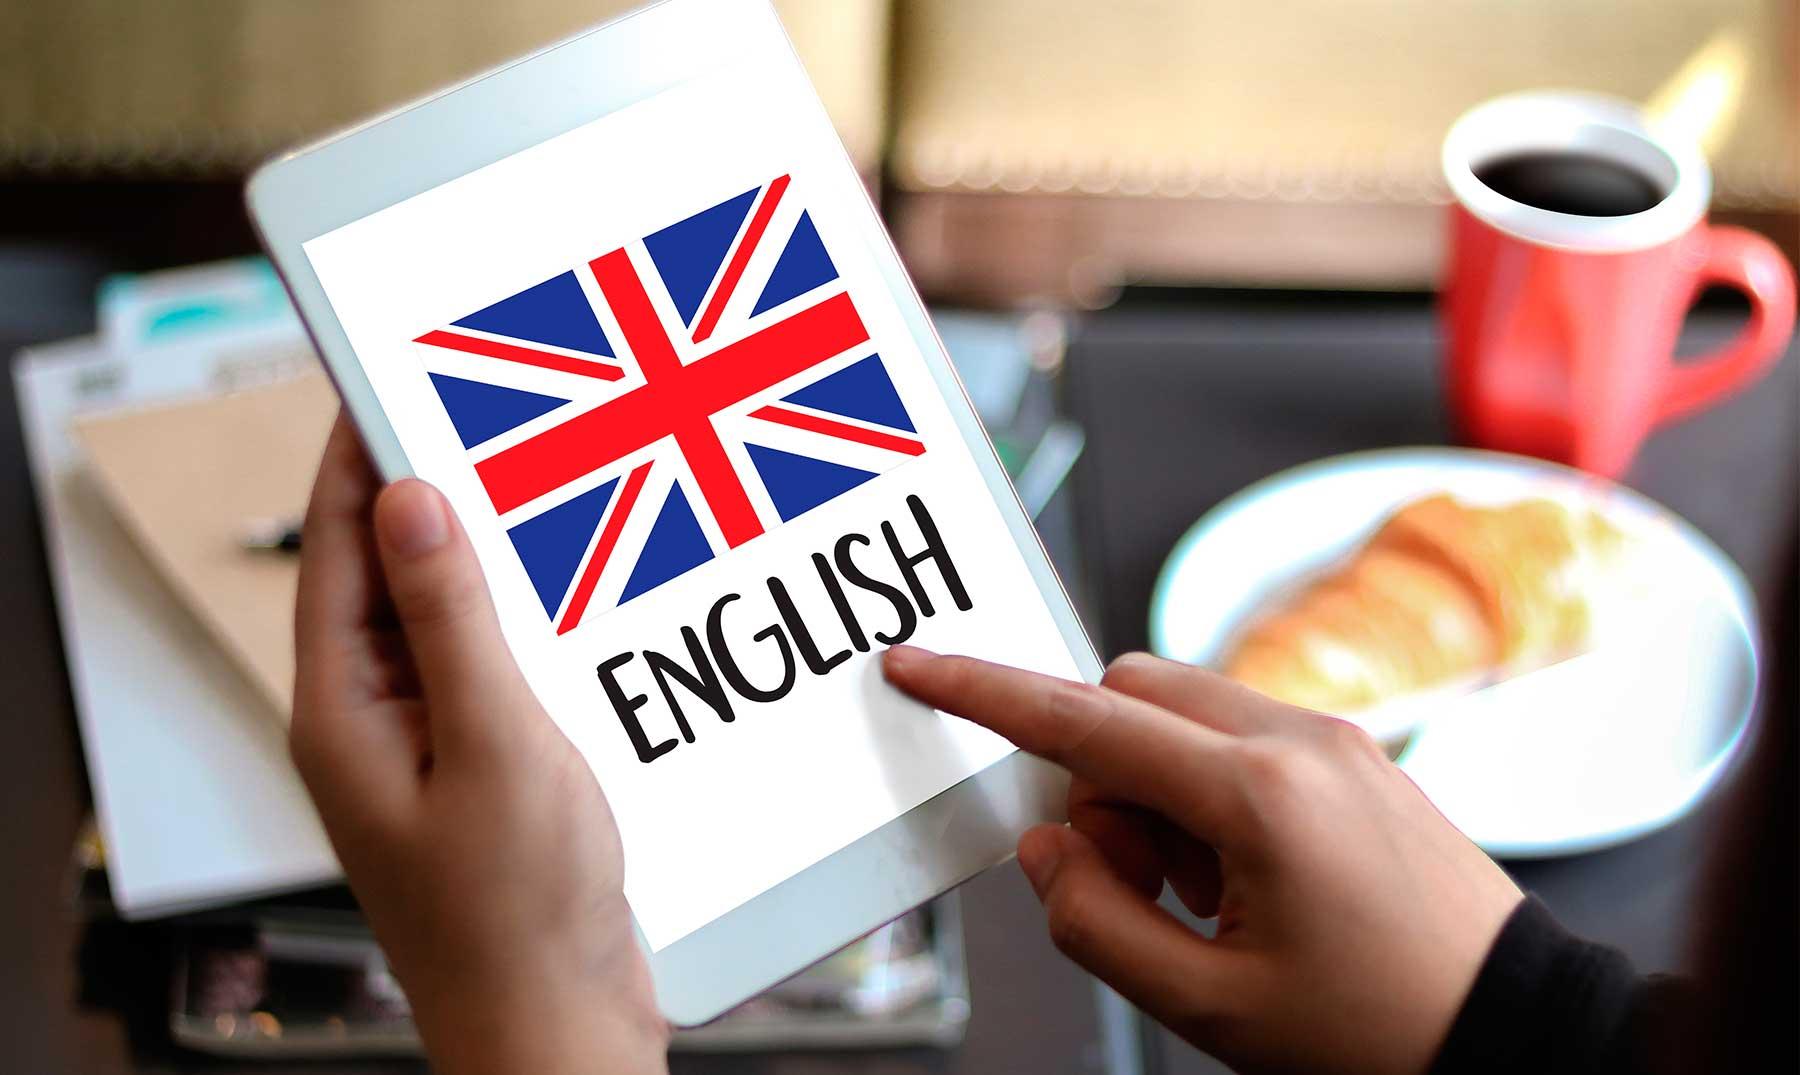 Онлайн курсы английского языка: изучение с нуля - уроки ...